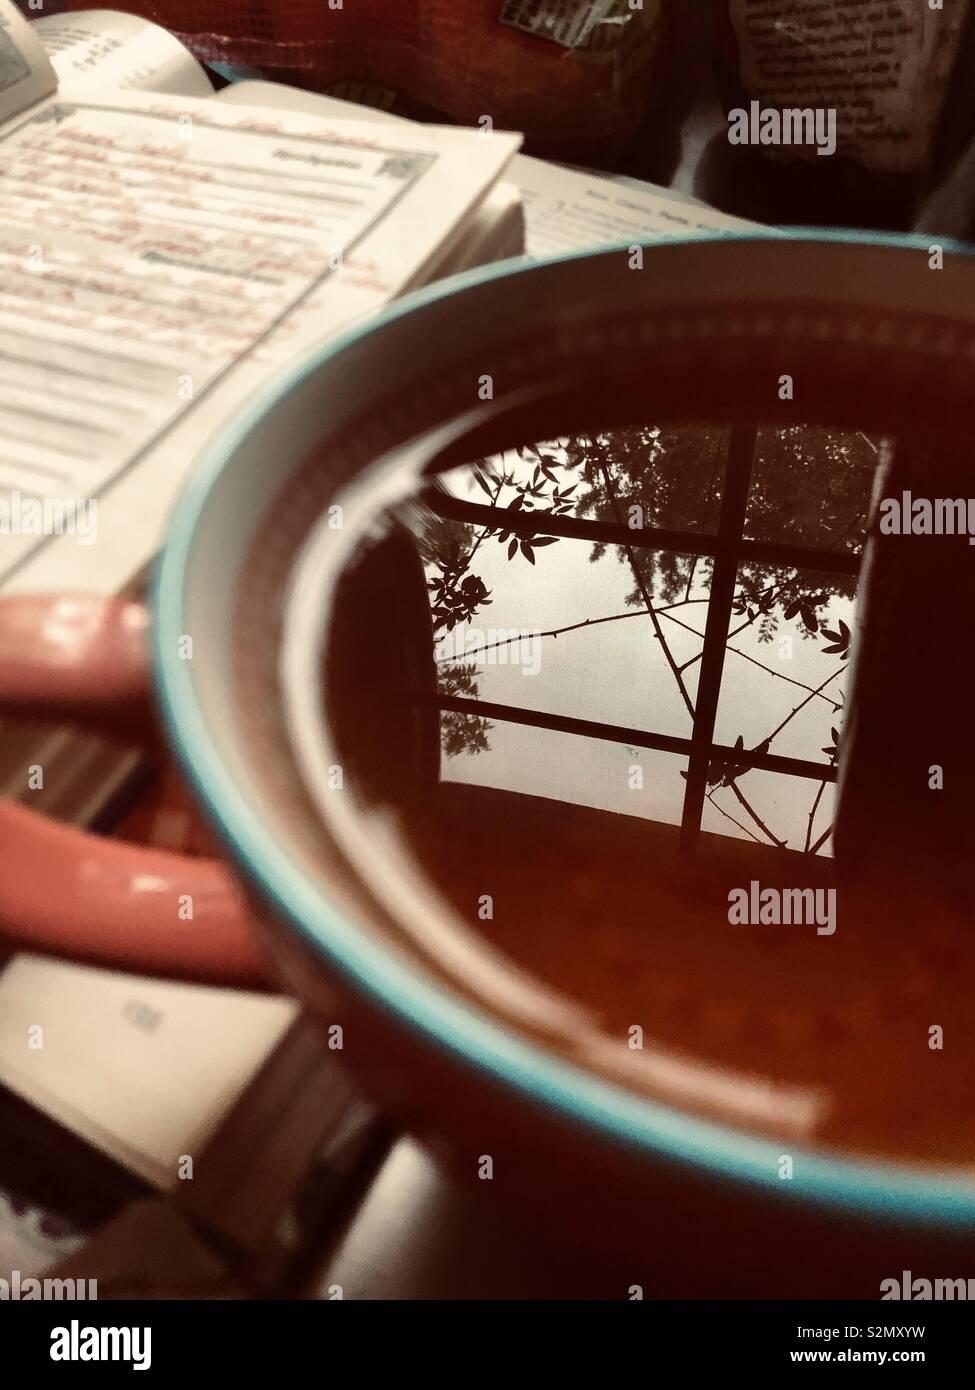 Gros plan d'une tasse de thé noir avec une fenêtre de réflexion, et d'une part écrit des notes sur un ordinateur portable à l'arrière-plan Photo Stock